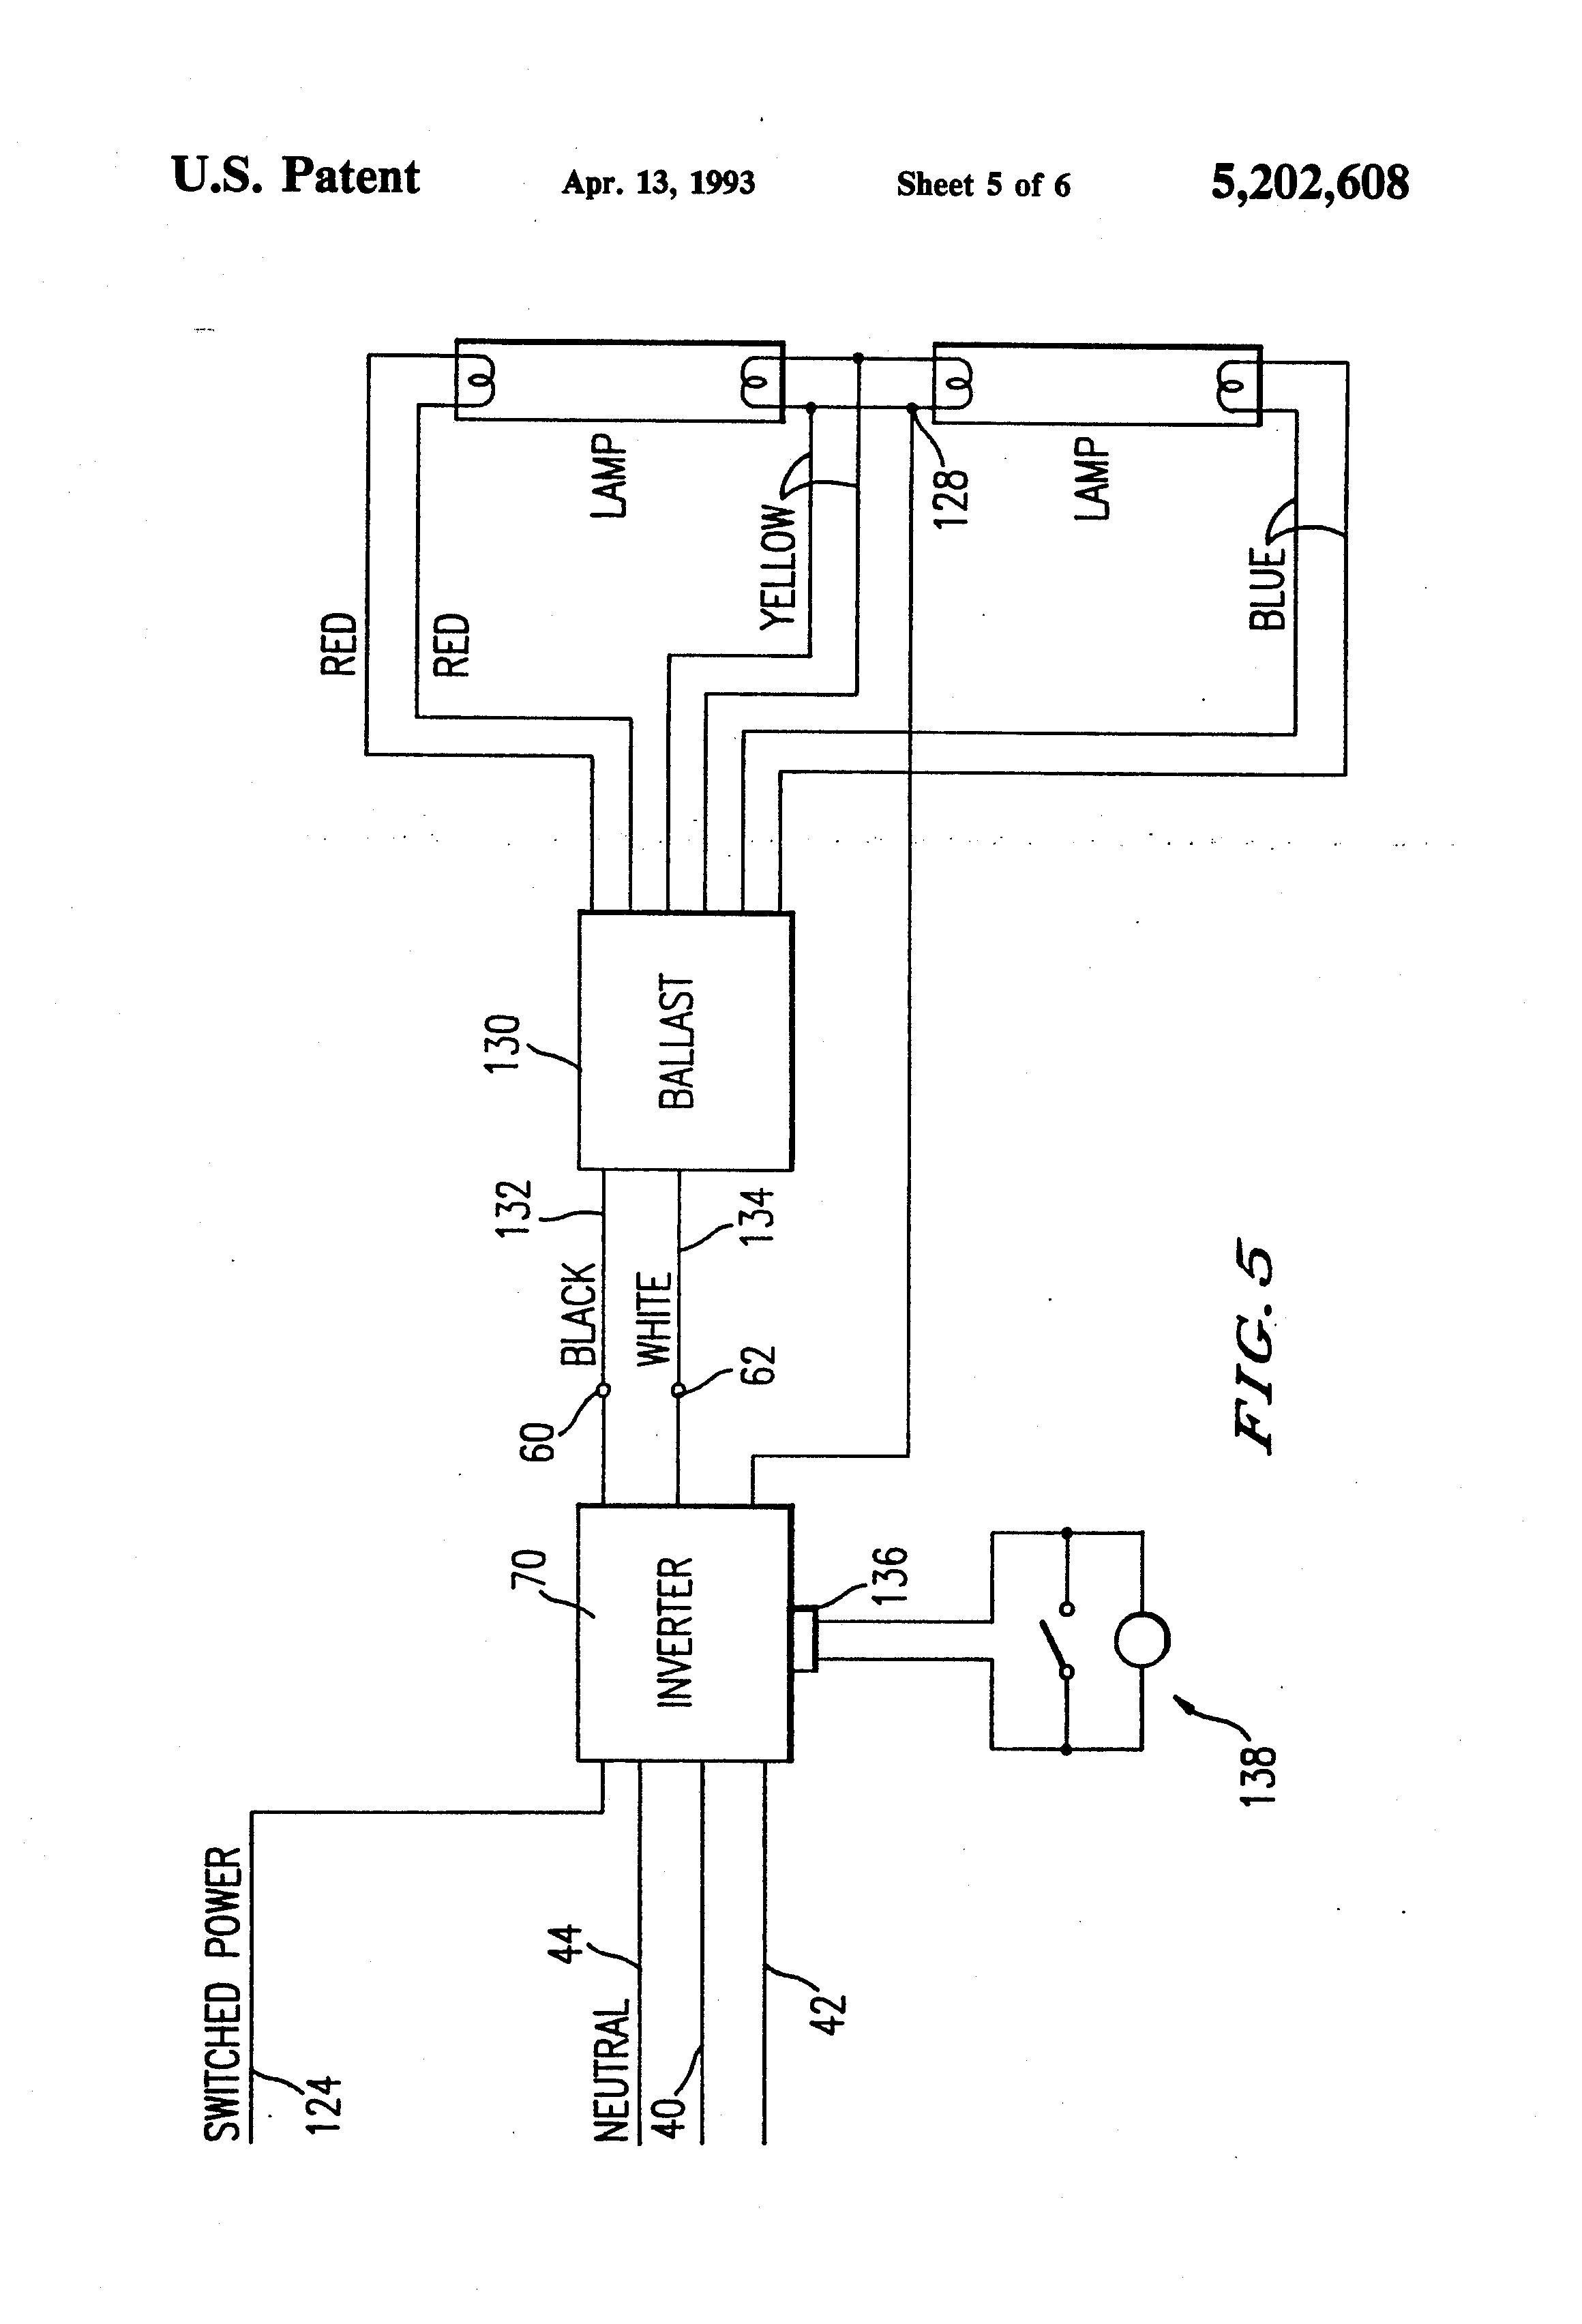 4 Lamp T8 Ballast Wiring Diagram Manual Guide